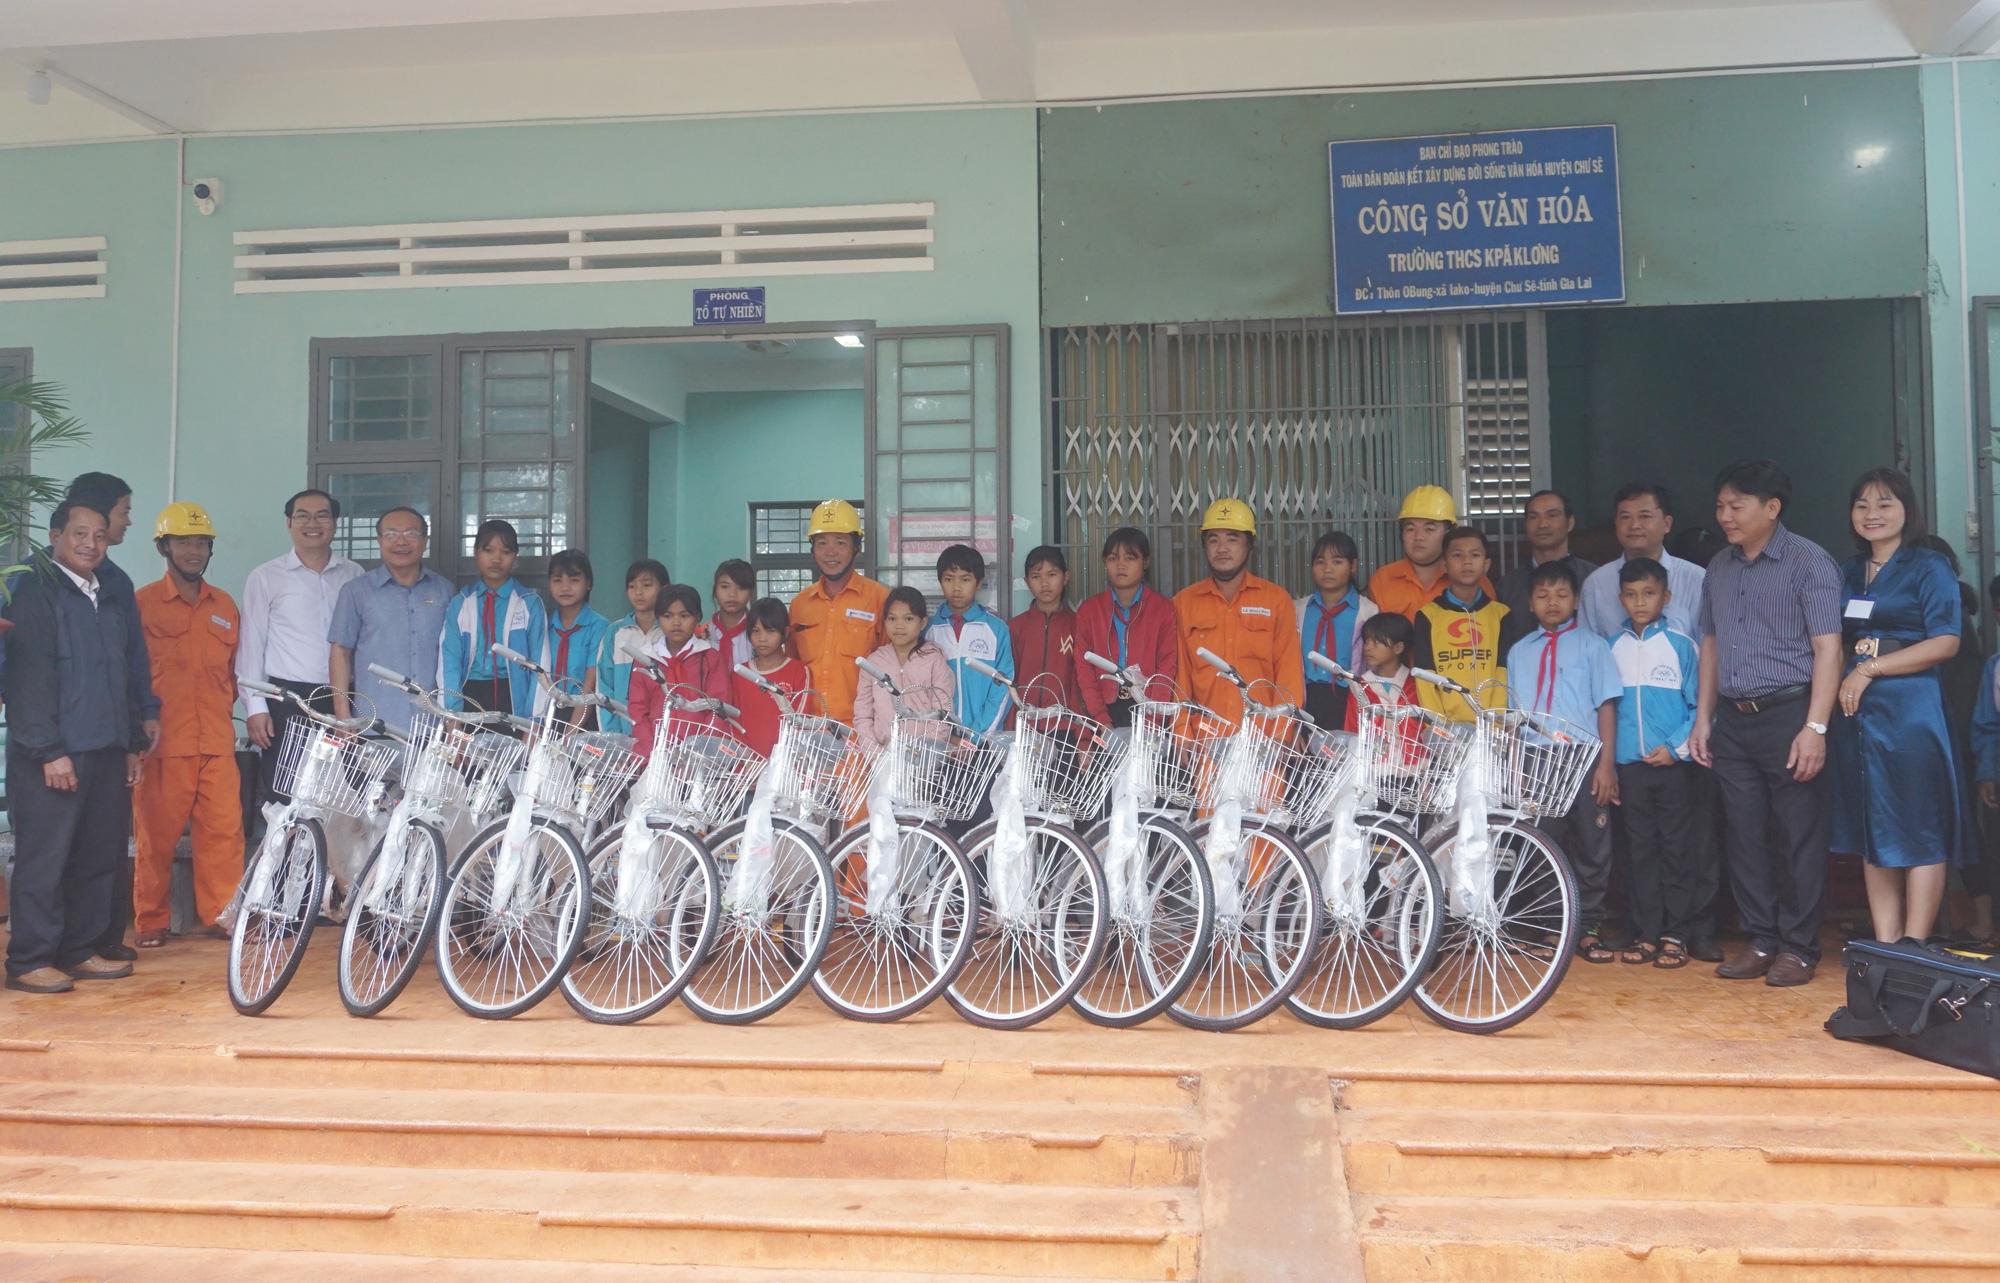 Gia Lai: Trao xe đạp, nâng bước hoc sinh nghèo đến trường - Ảnh 4.